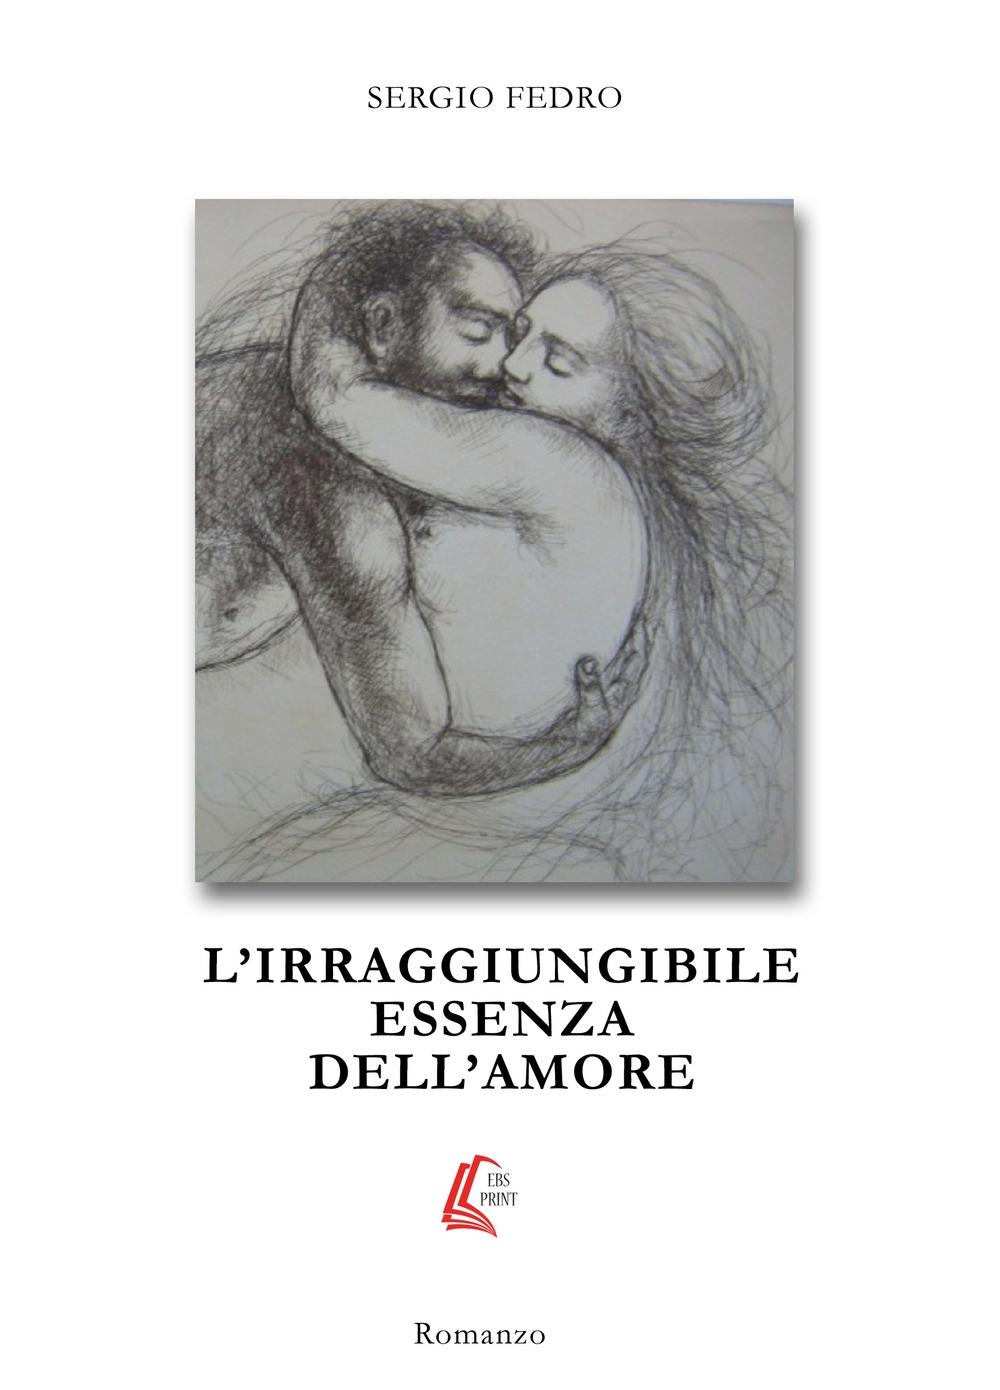 L'irraggiungibile essenza dell'amore